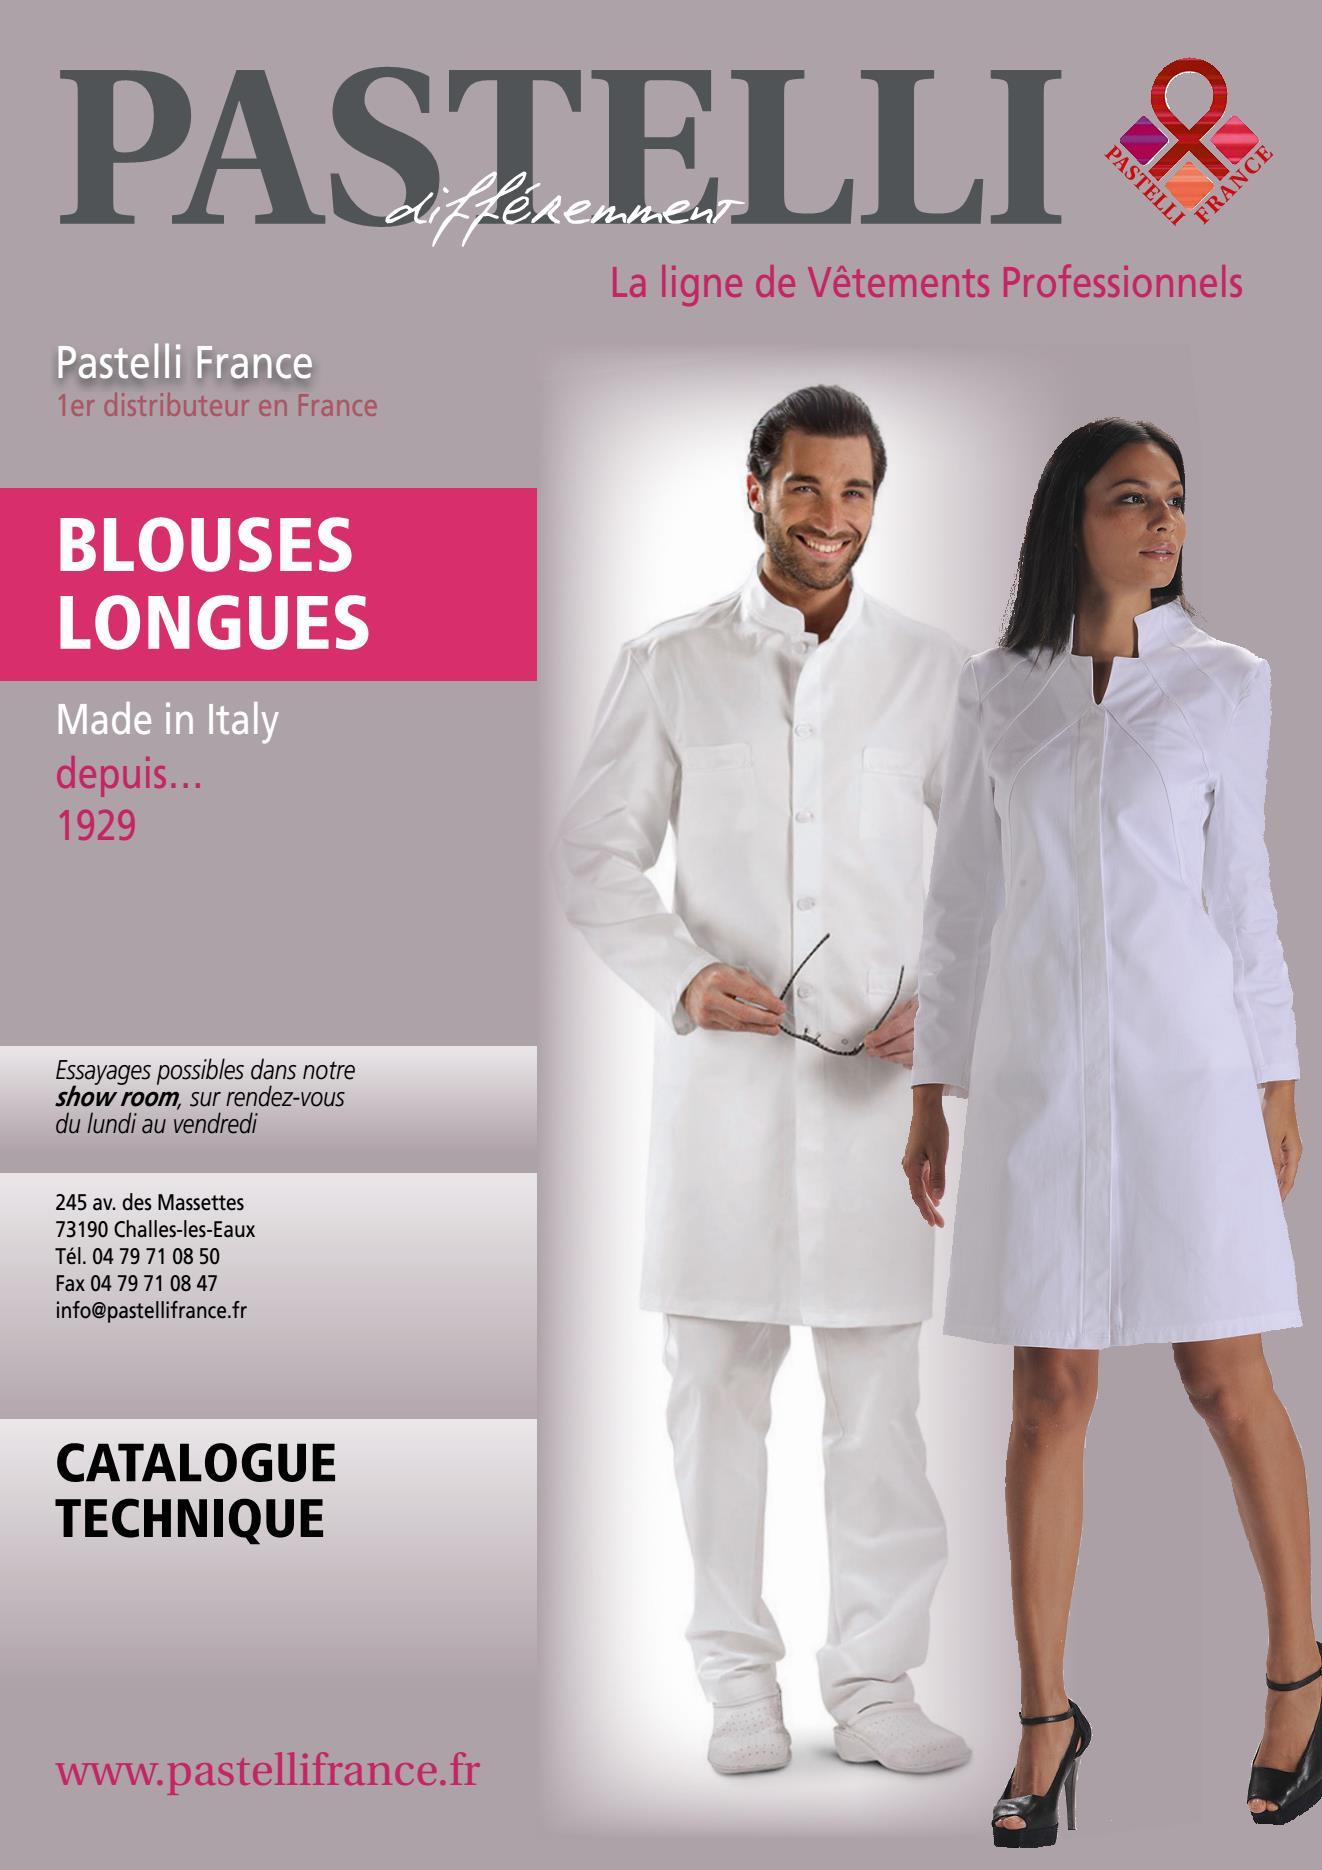 Blouses Longues